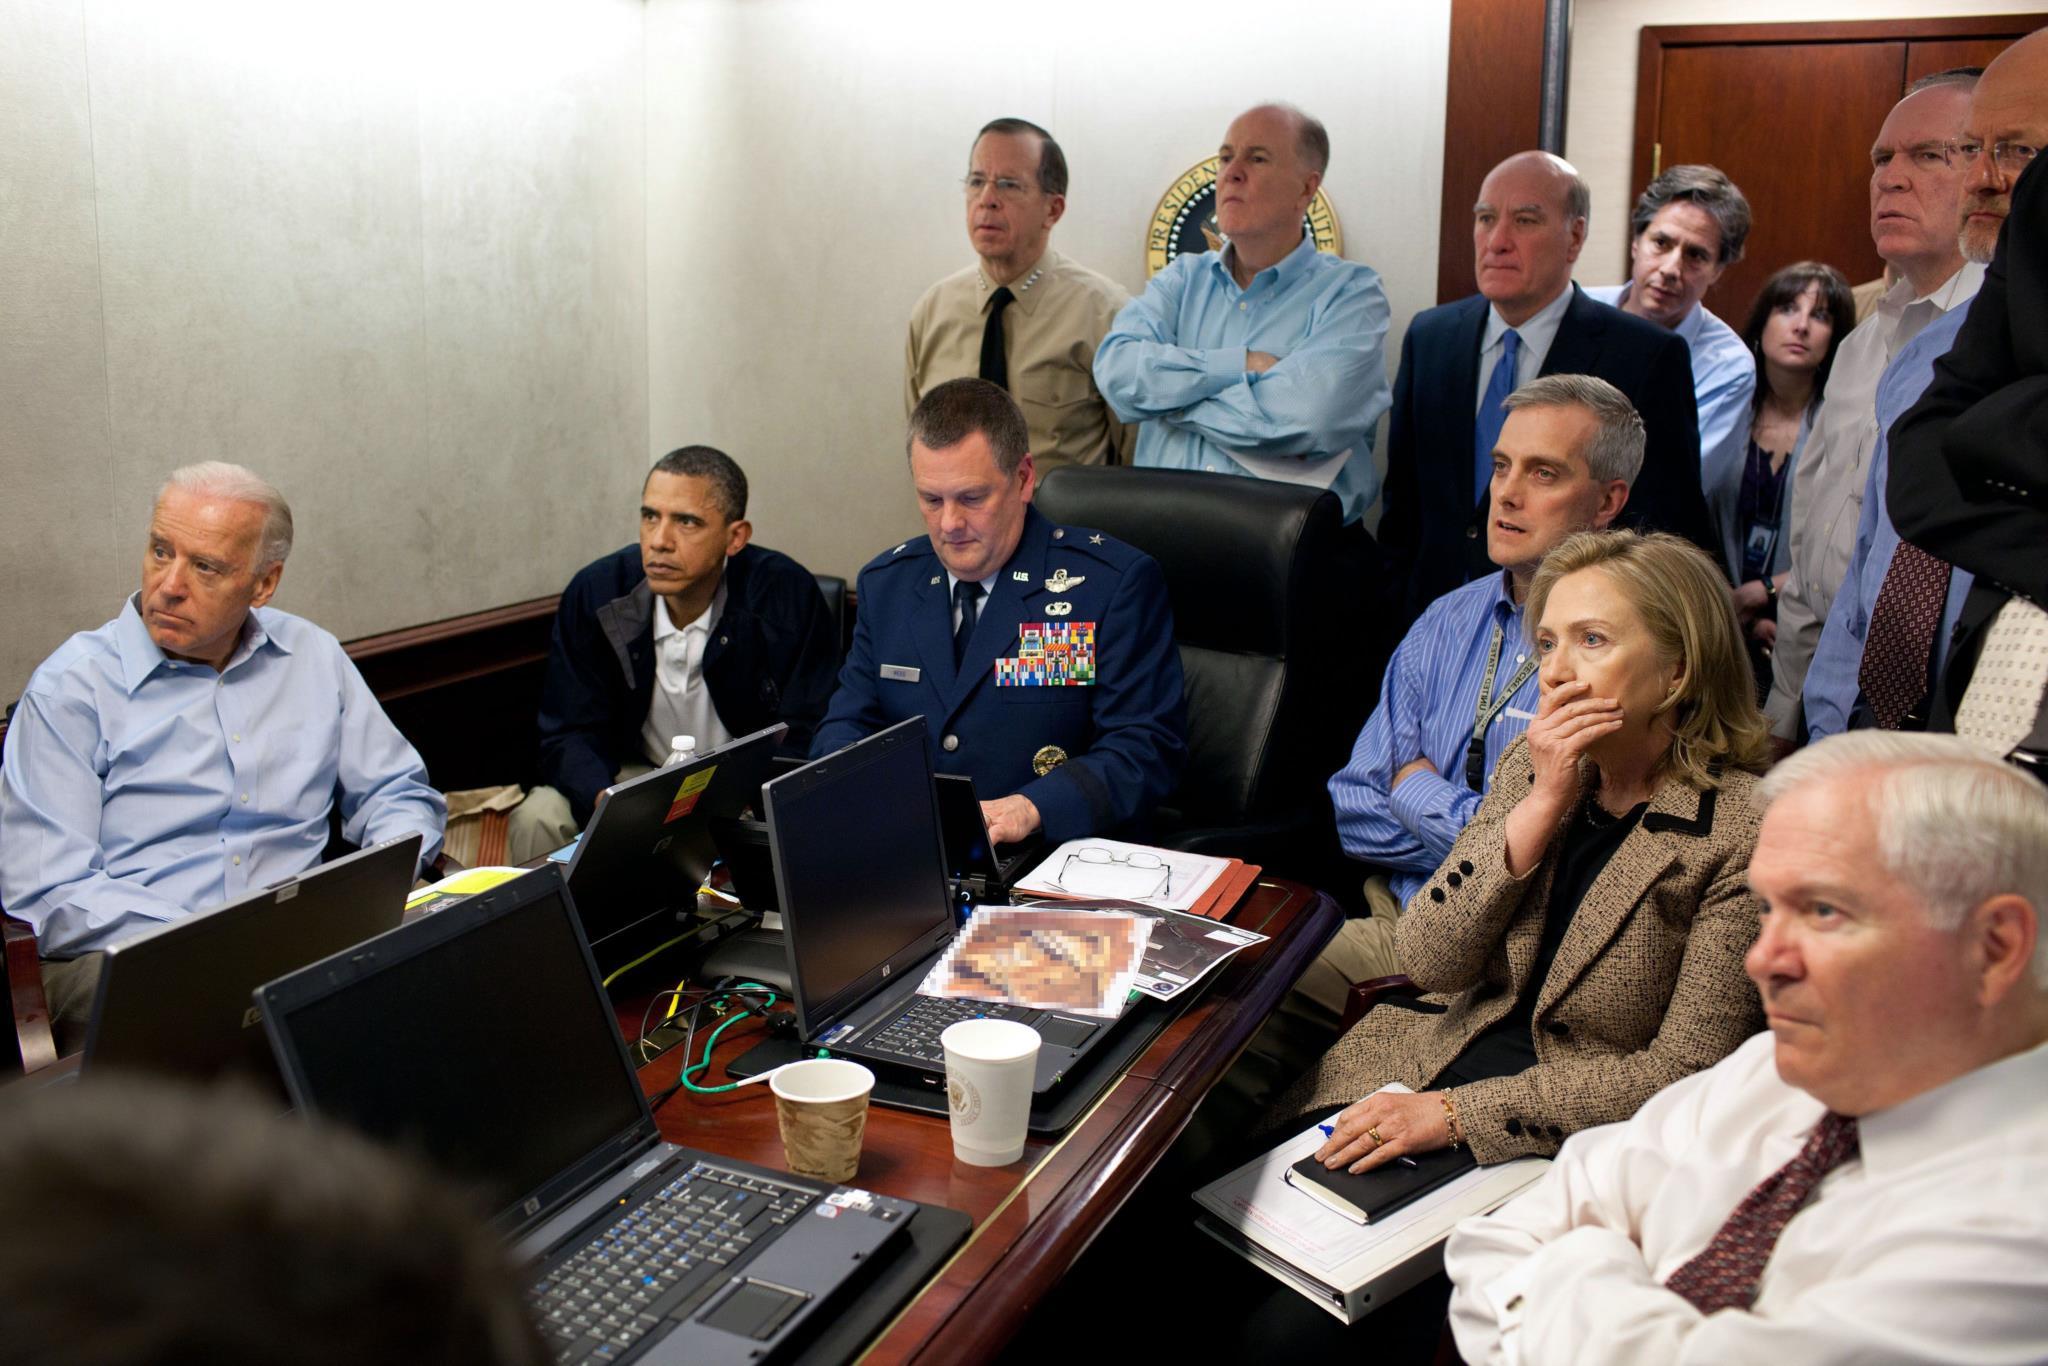 Em Maio de 2011, a Casa Branca disponibilizou fotografias que mostram o presidente Obama e os seus principais conselheiros a acompanhar a operação que matou Osama bin Laden